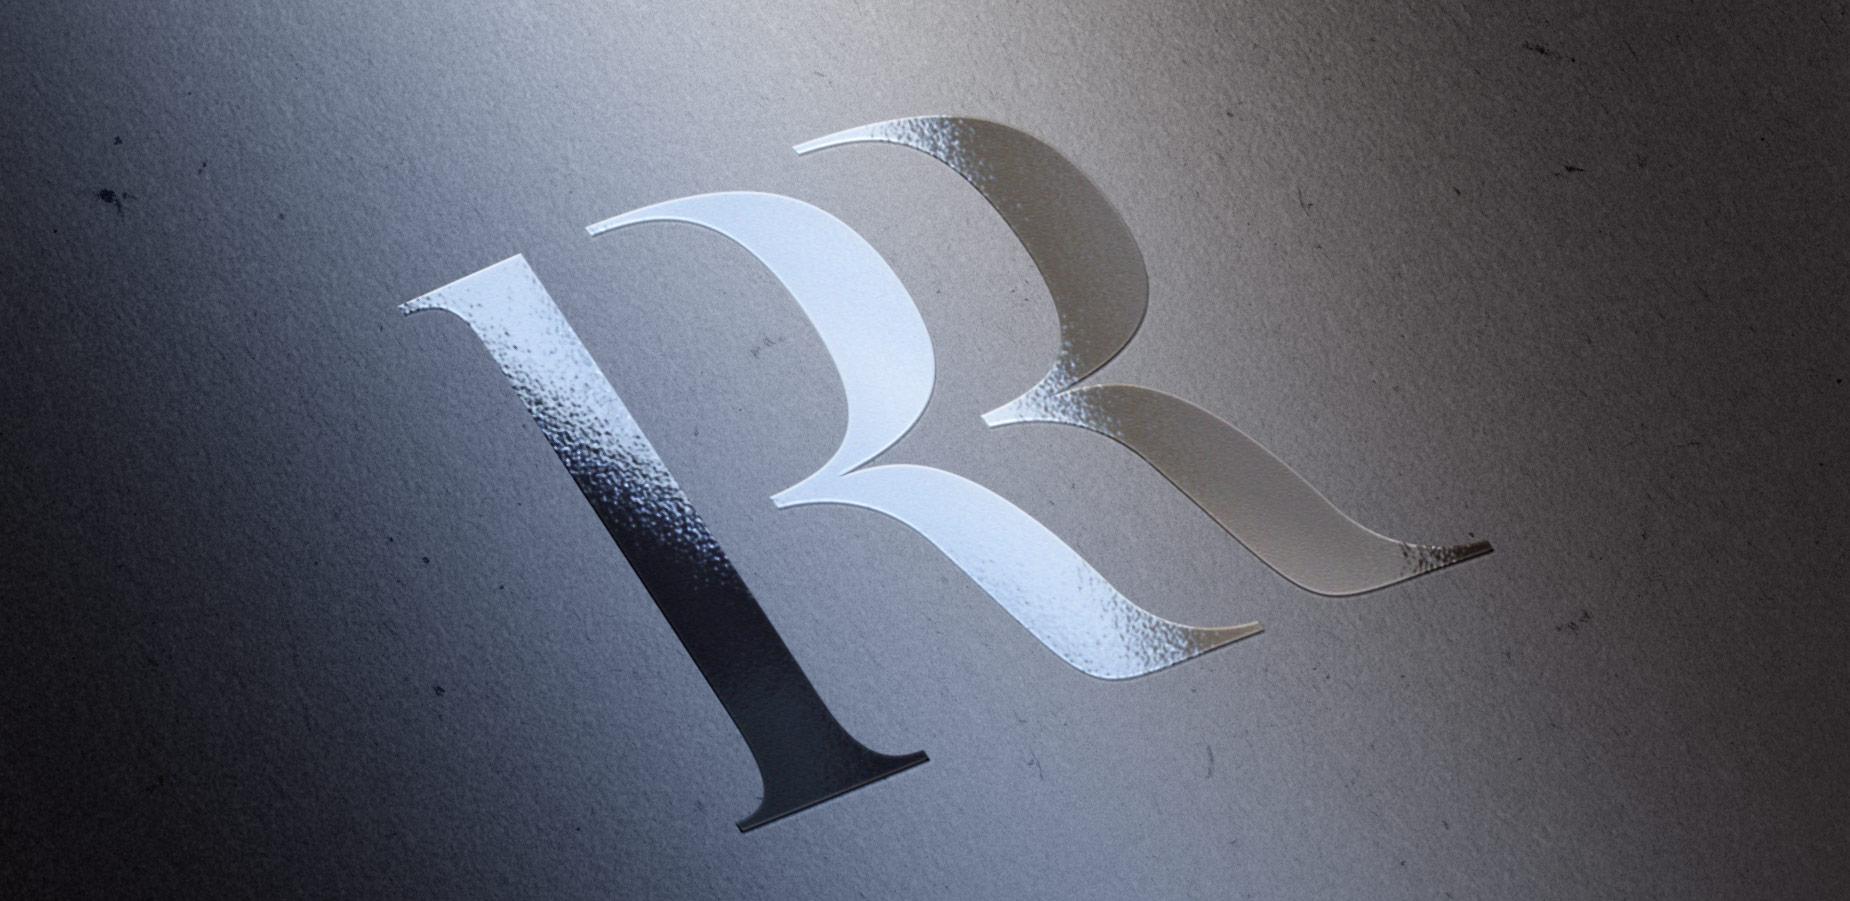 הדמיית עיצוב לוגו, רובי ראני